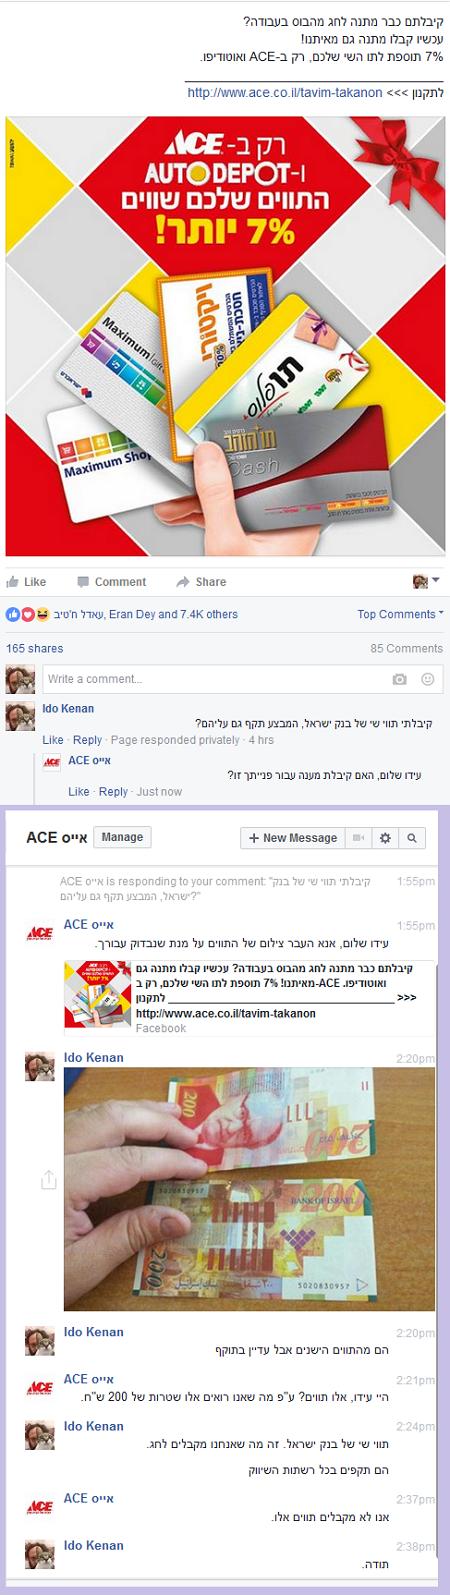 תגובה בפוסט של אייס ושיחה עם אייס בפייסבוק על קבלת תווי שי של בנק ישראל